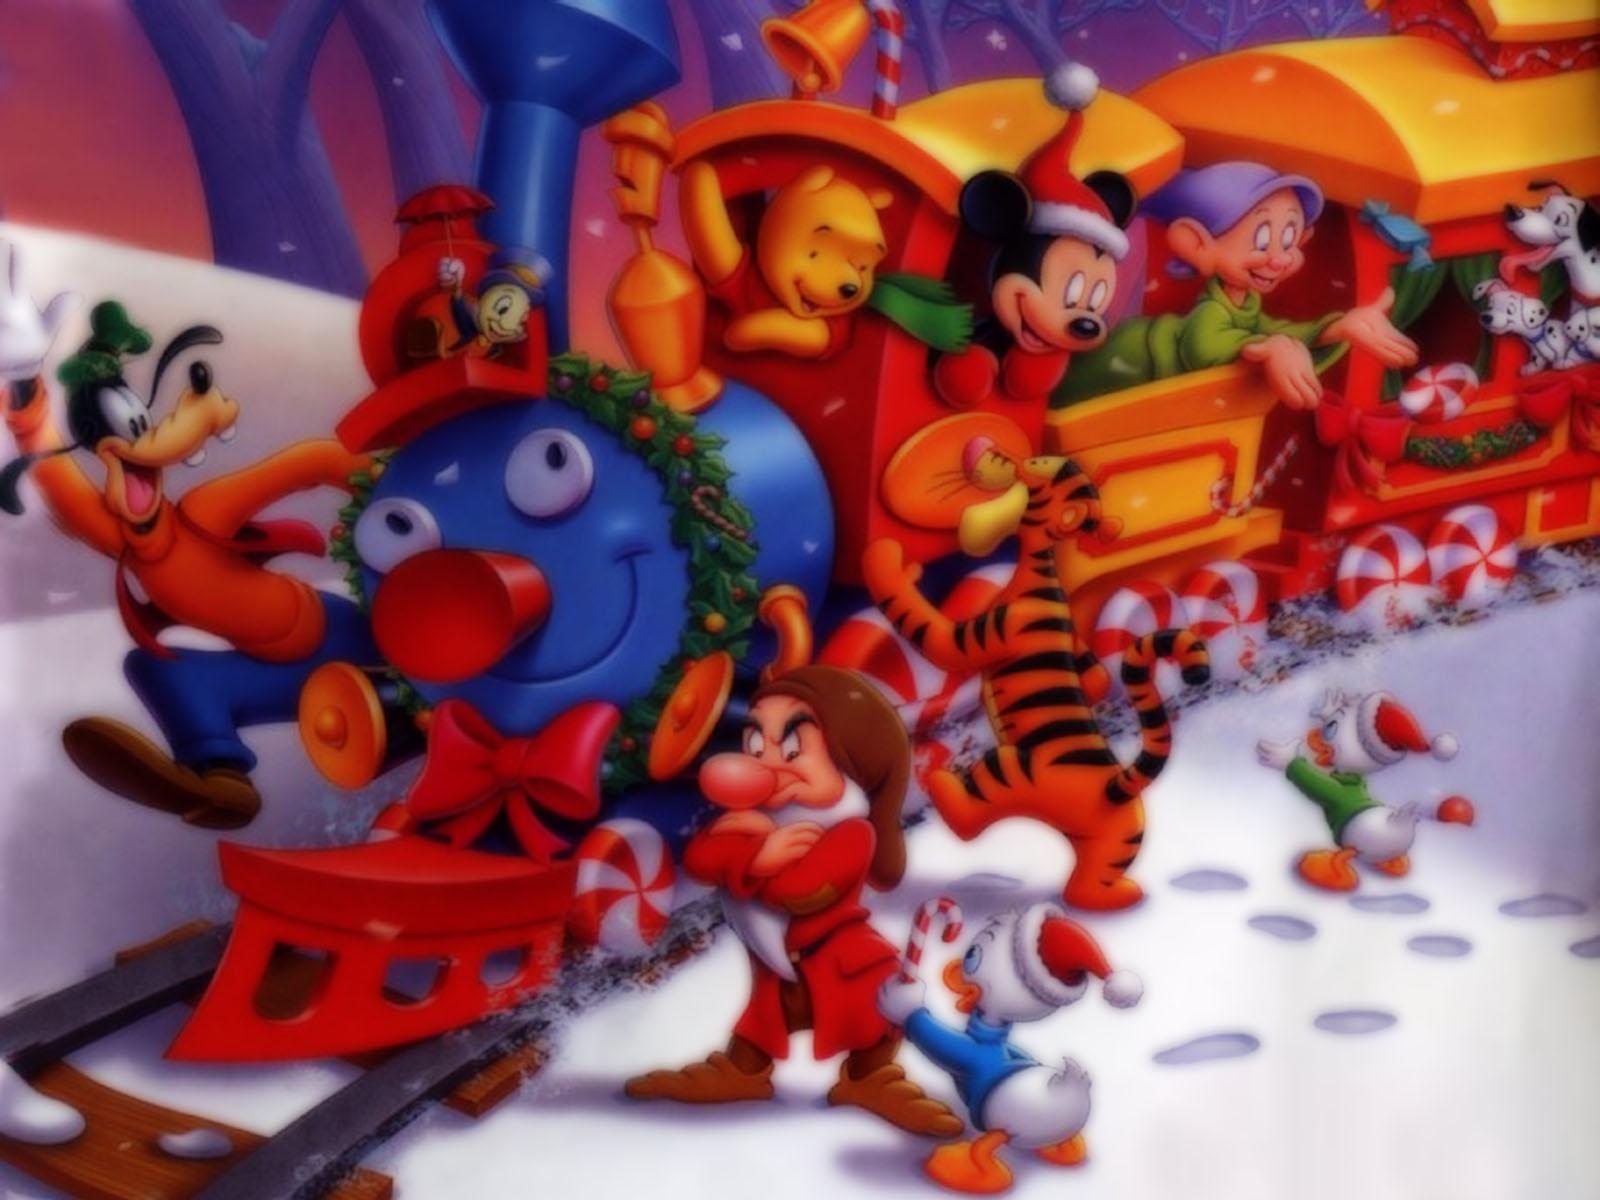 Disney christmas wallpapers Christmas wallpapers screensavers 1600x1200